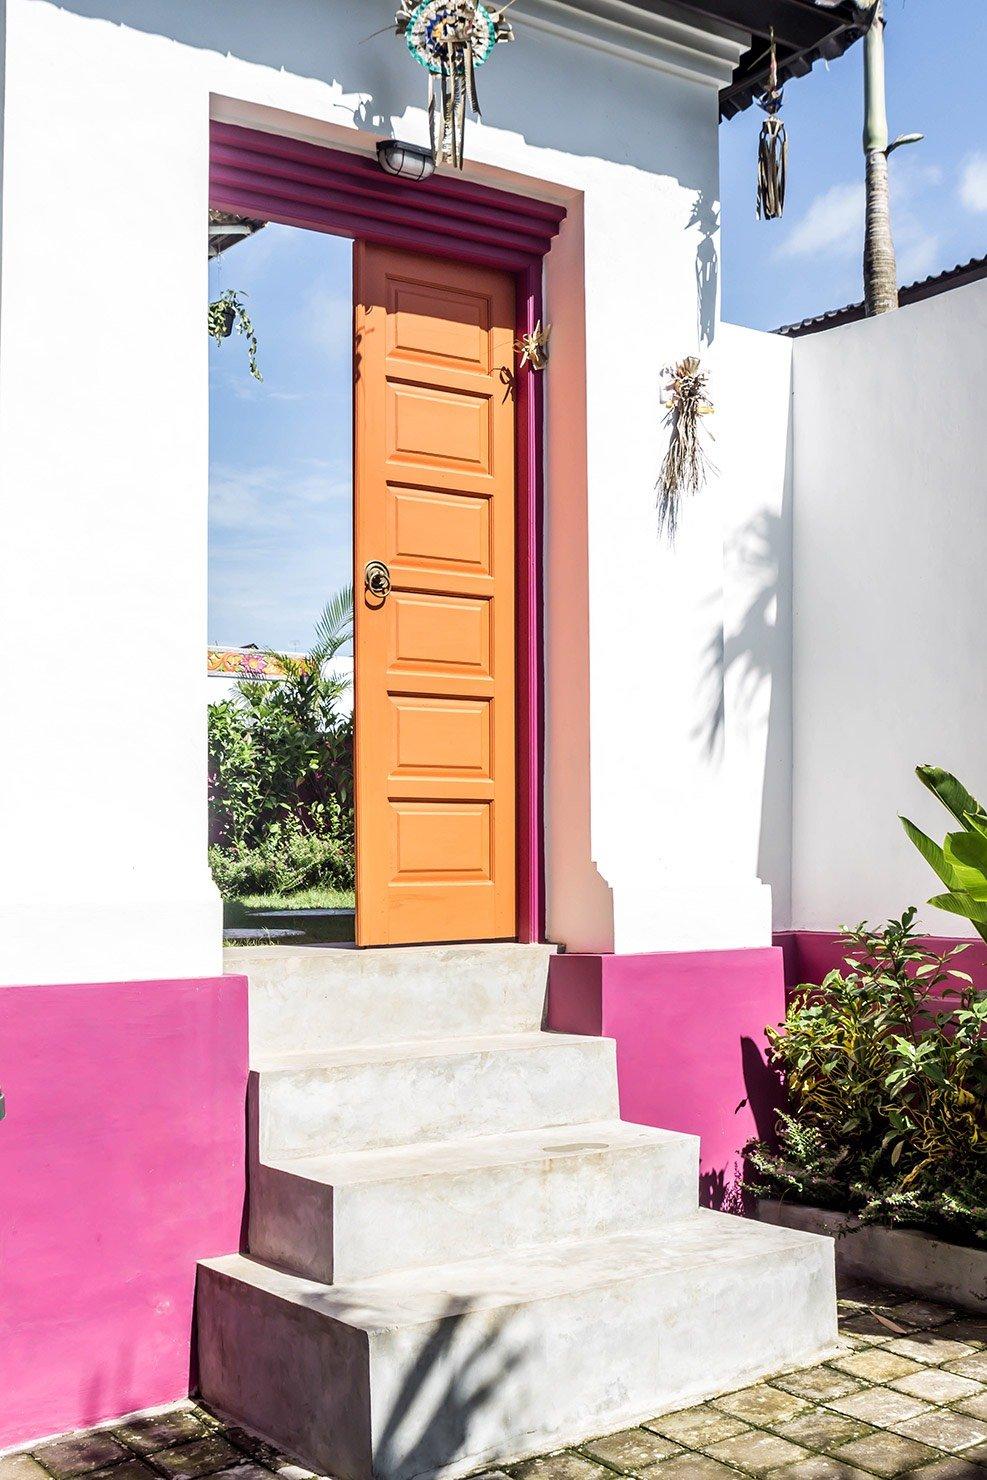 BALI INTERIORS, DOOR